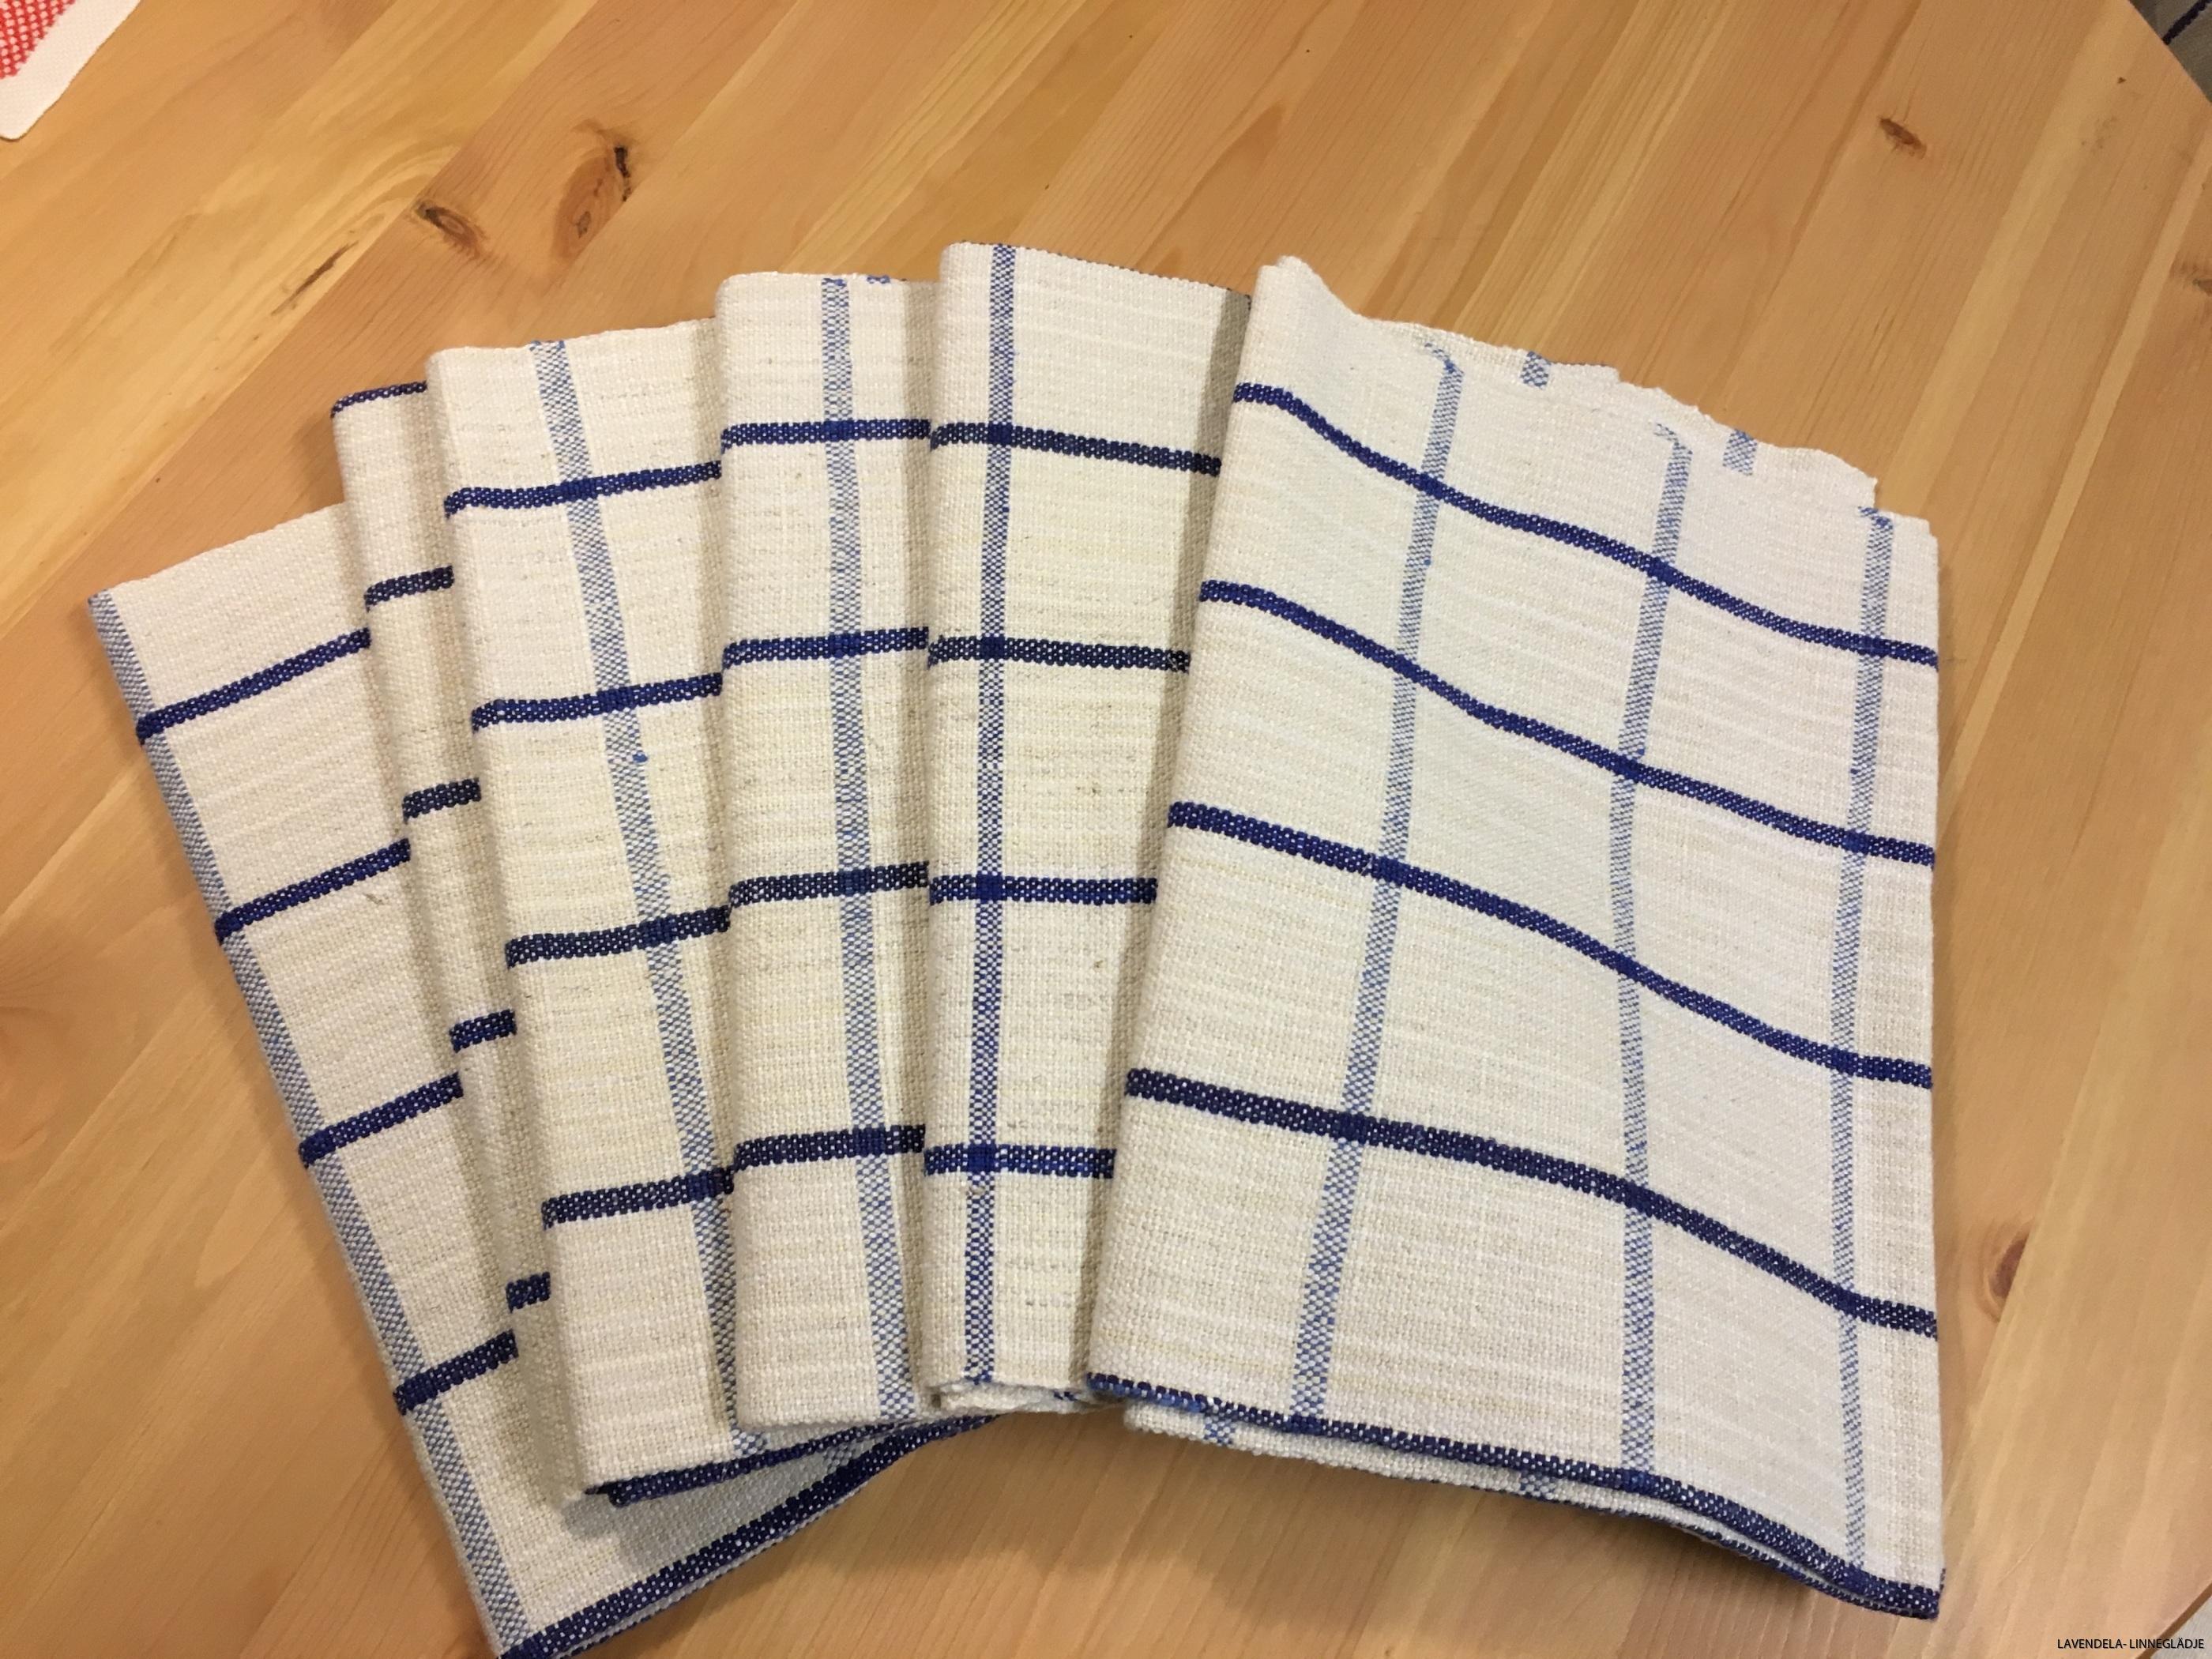 Åtta fina handdukar